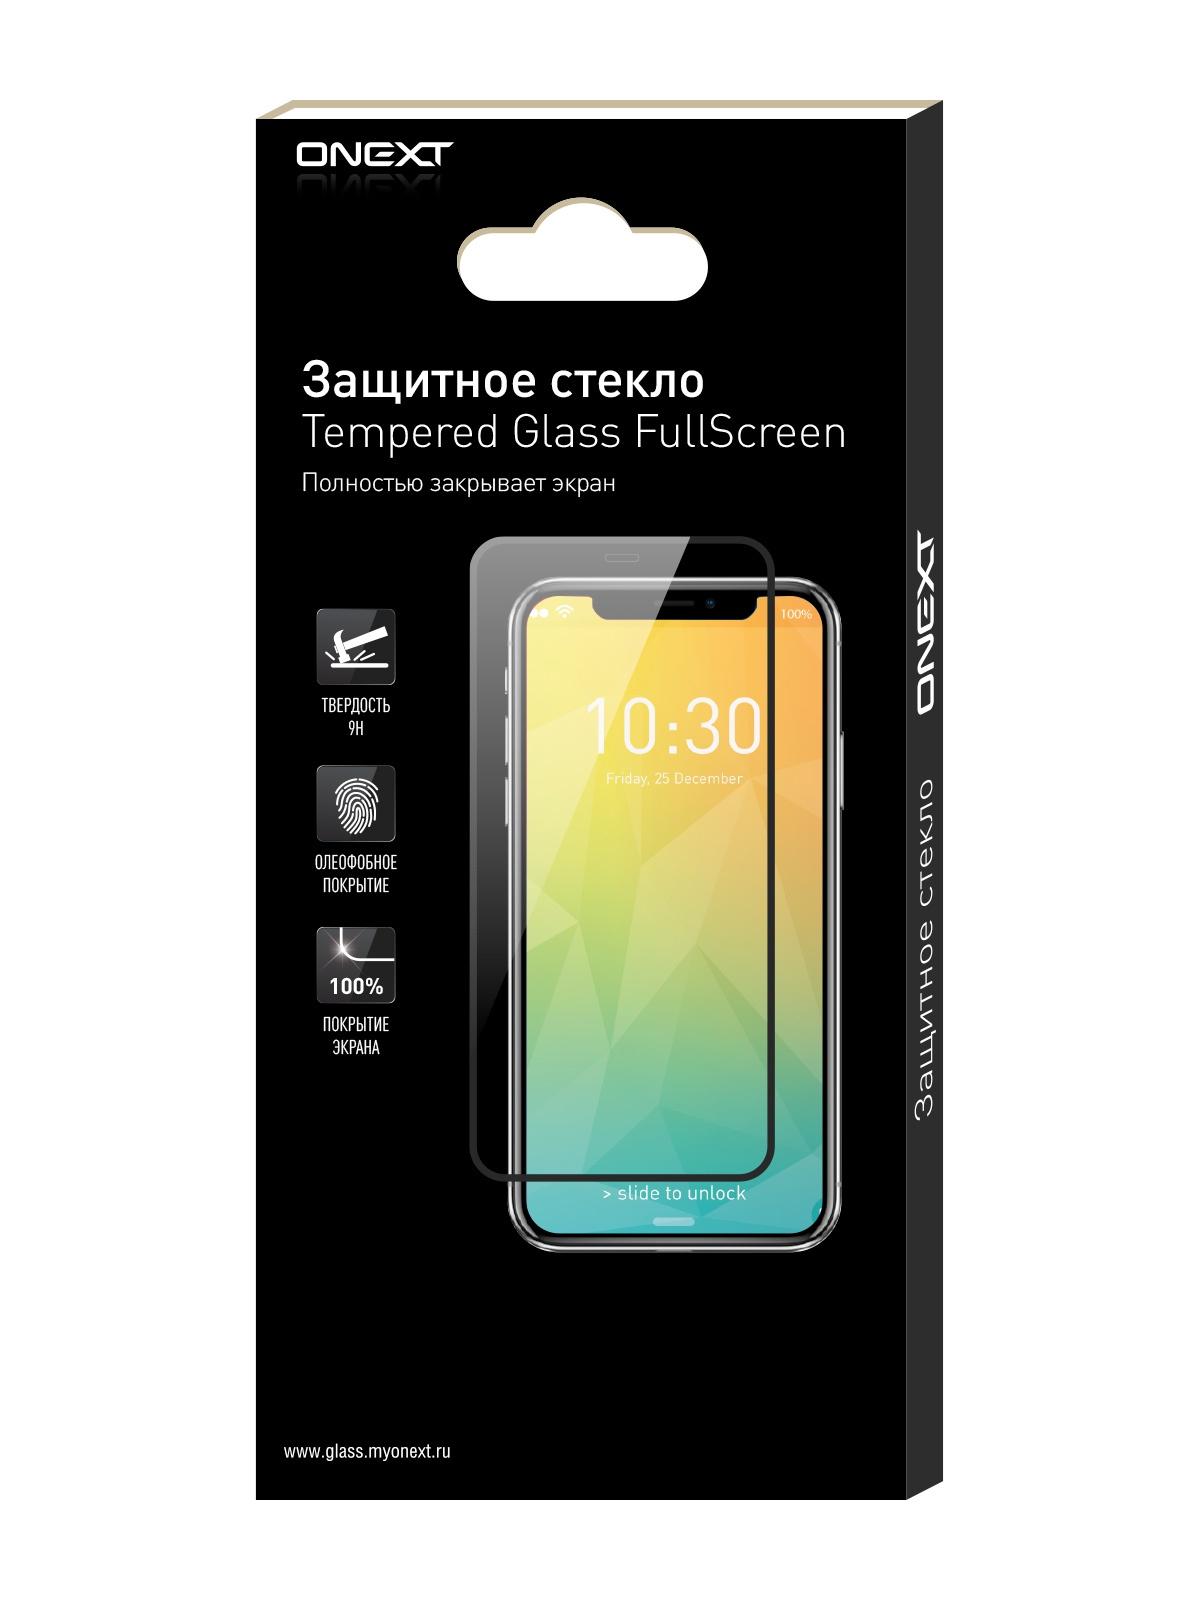 Защитное стекло ONEXT Samsung Galaxy J7 2017 с рамкой защитное стекло для samsung galaxy j7 2017 sm j730fm onext на весь экран с розовой рамкой